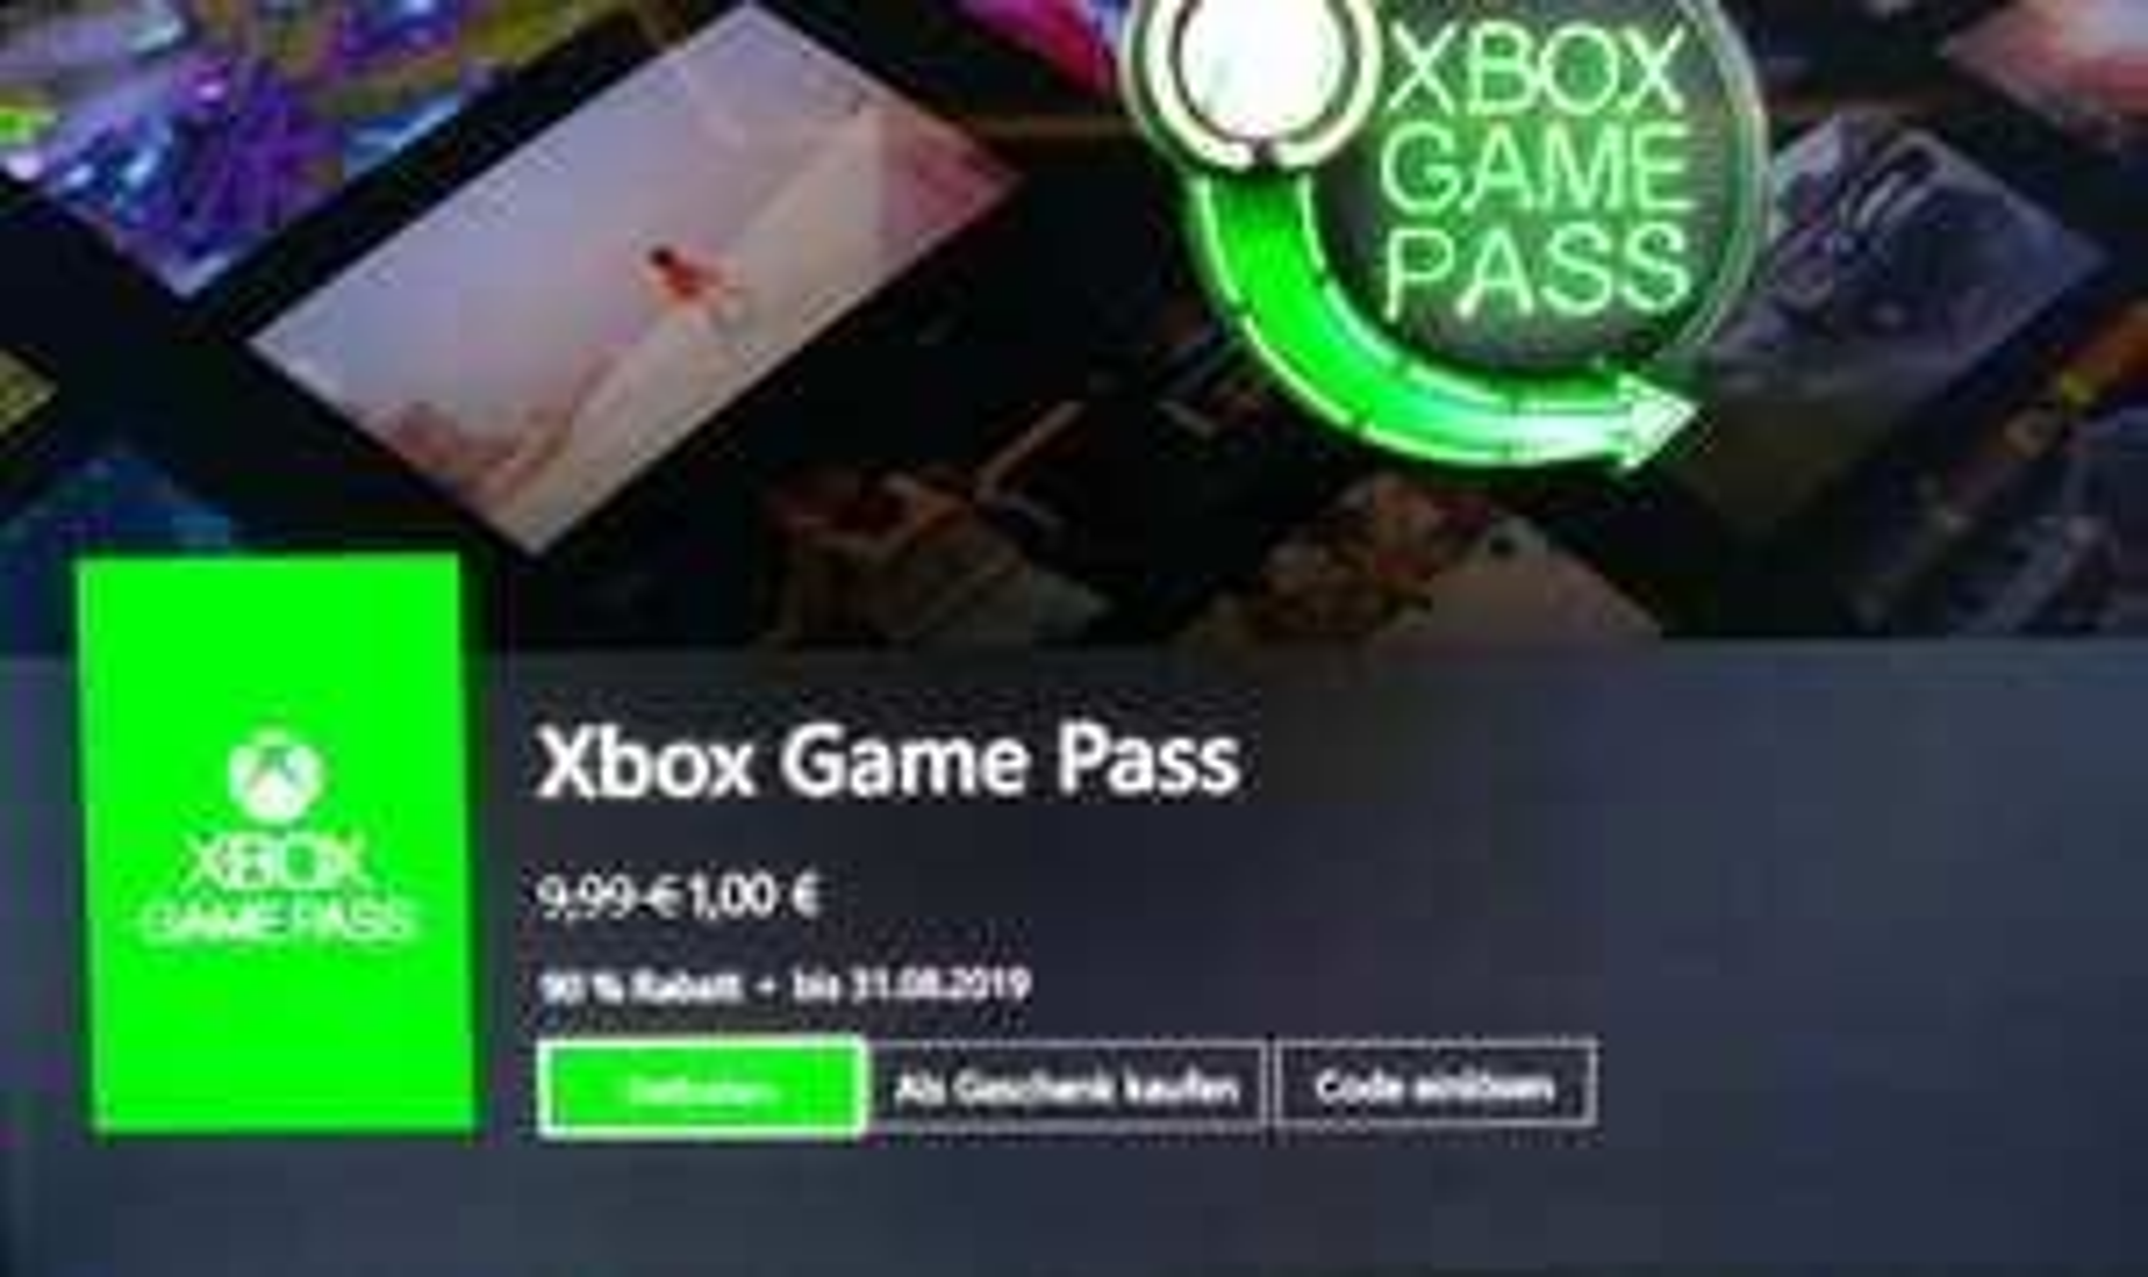 Xbox Game Pass 1 Monate für 1,00€ (vermutlich Rückholangebot)